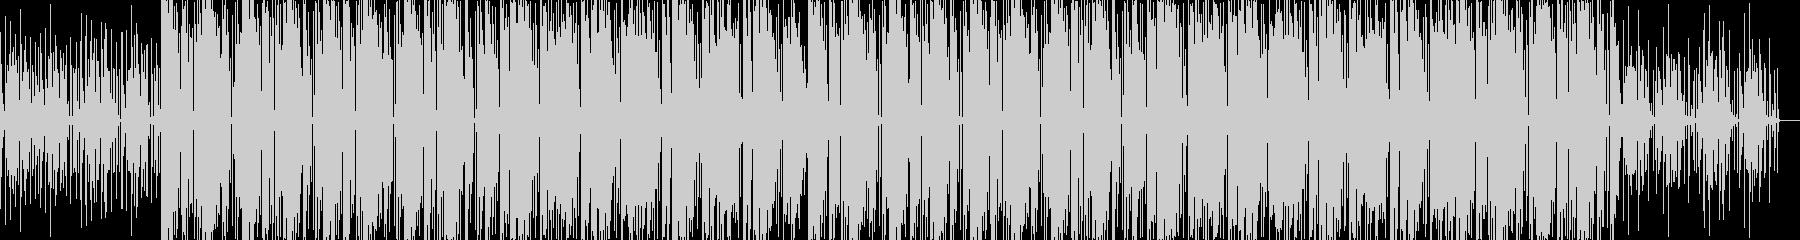 USのHiphopをイメージしたビートの未再生の波形